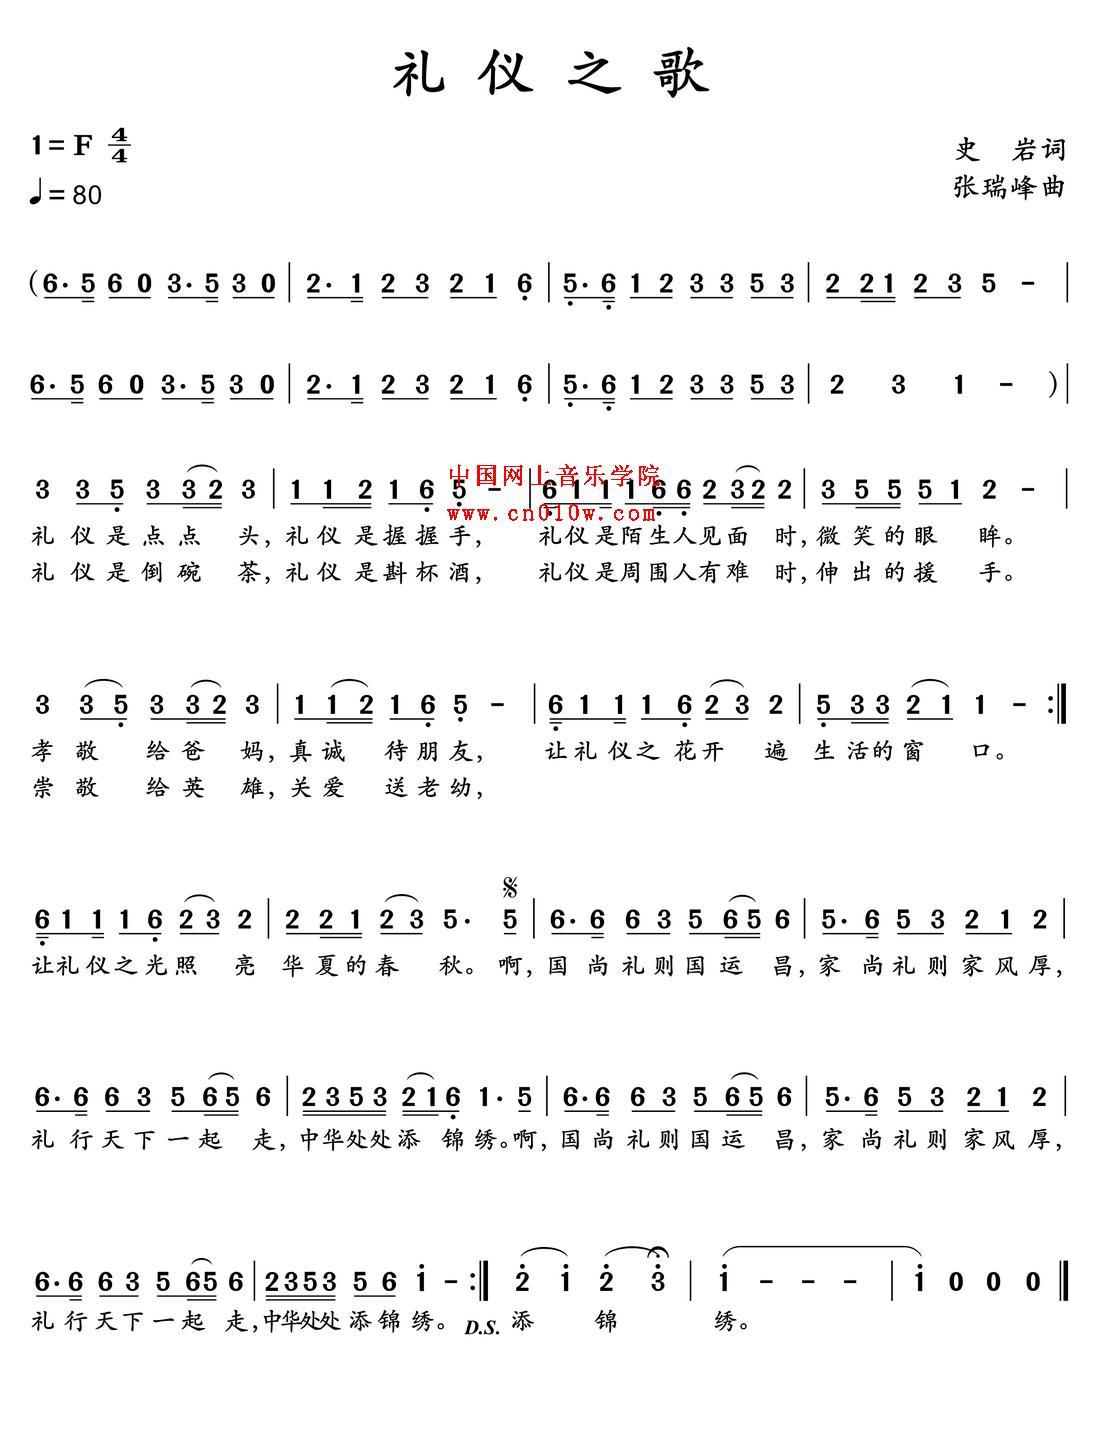 民歌曲谱_礼仪之歌 民歌曲谱_礼仪之歌下载 简谱下载 五线谱下载 曲谱